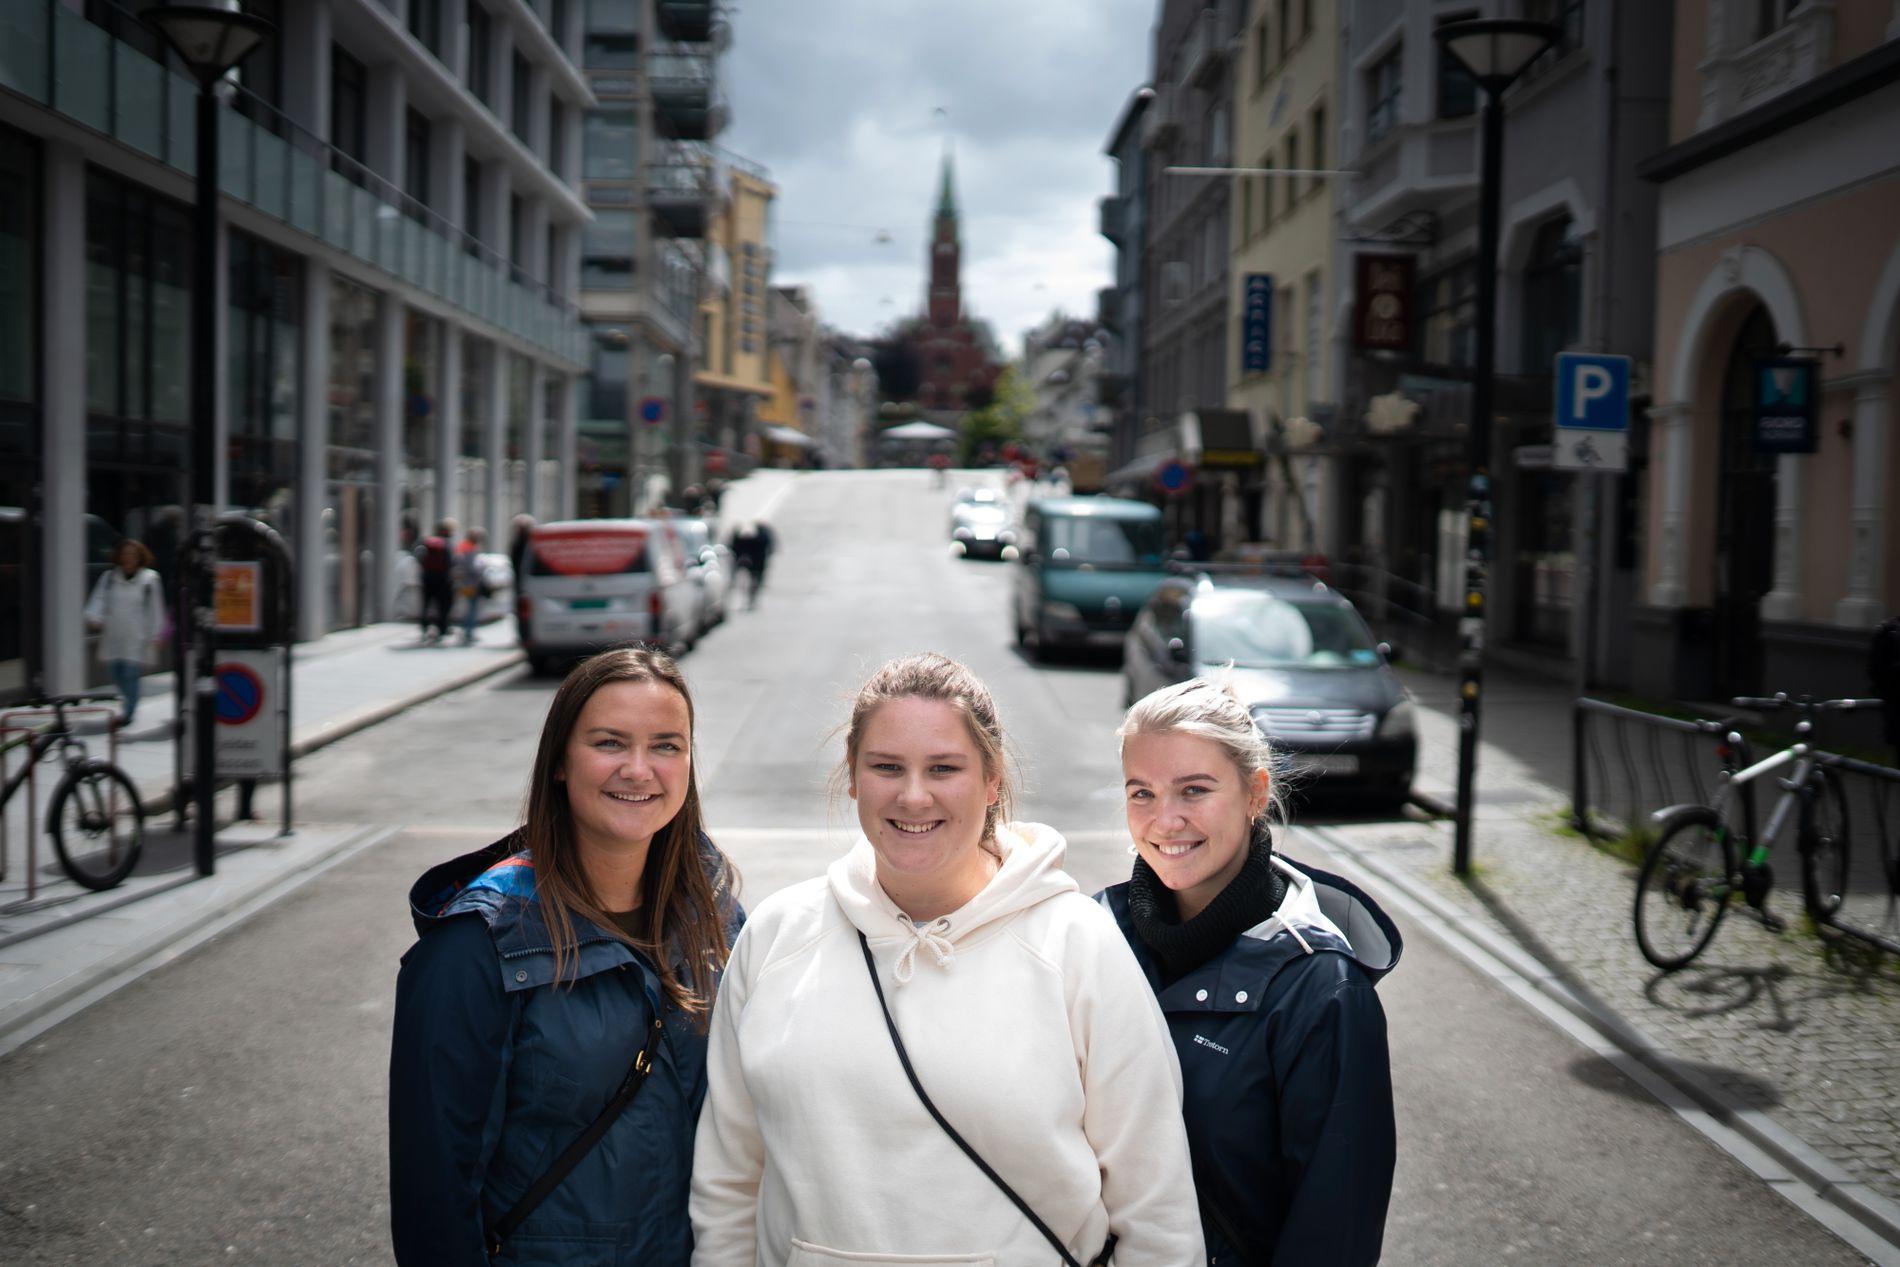 FRA VENSTRE: Siri Solberg, Linda Fosso og Ingrid Fosso er tilflyttere fra Øystese og Norheimsund. Deres favorittbygg er Johanneskirken (i bakgrunnen).